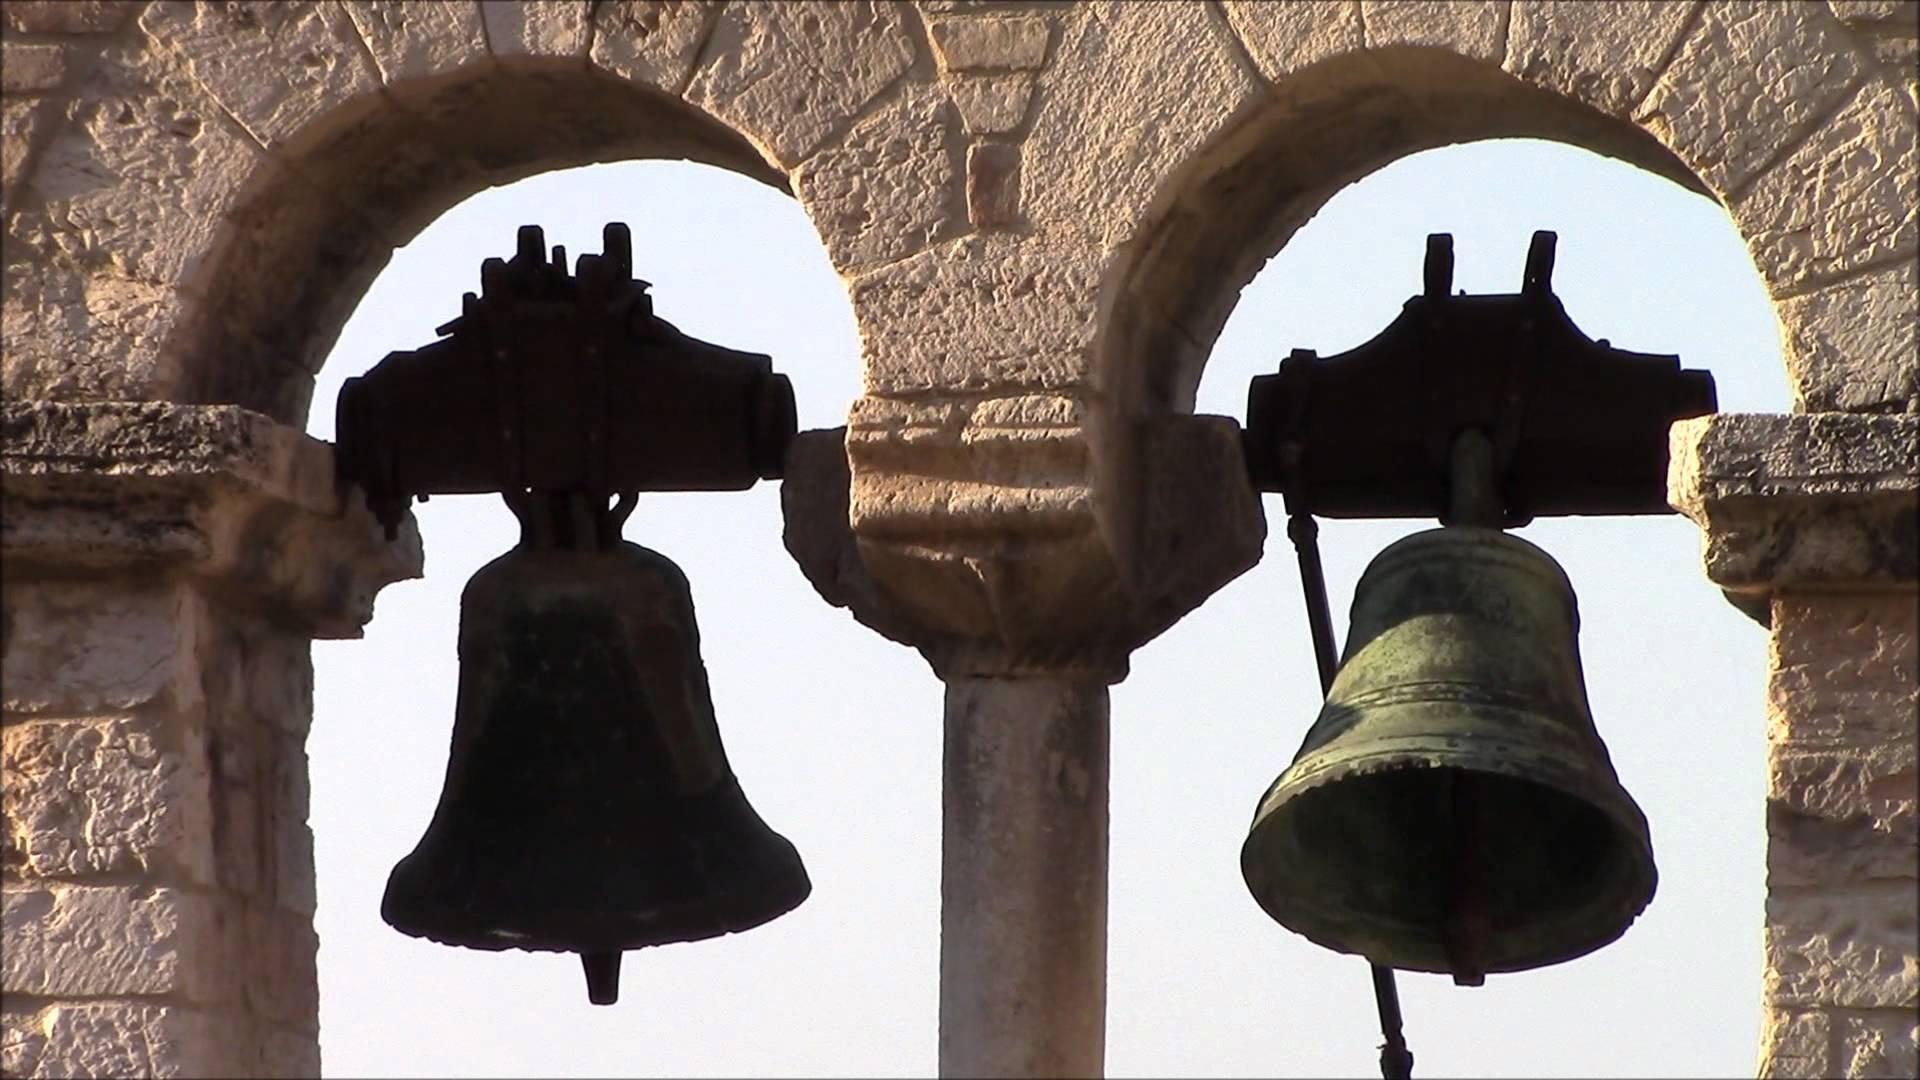 Biotestamento: 6 parroci suonano campane a morto per eutanasia delle Dat